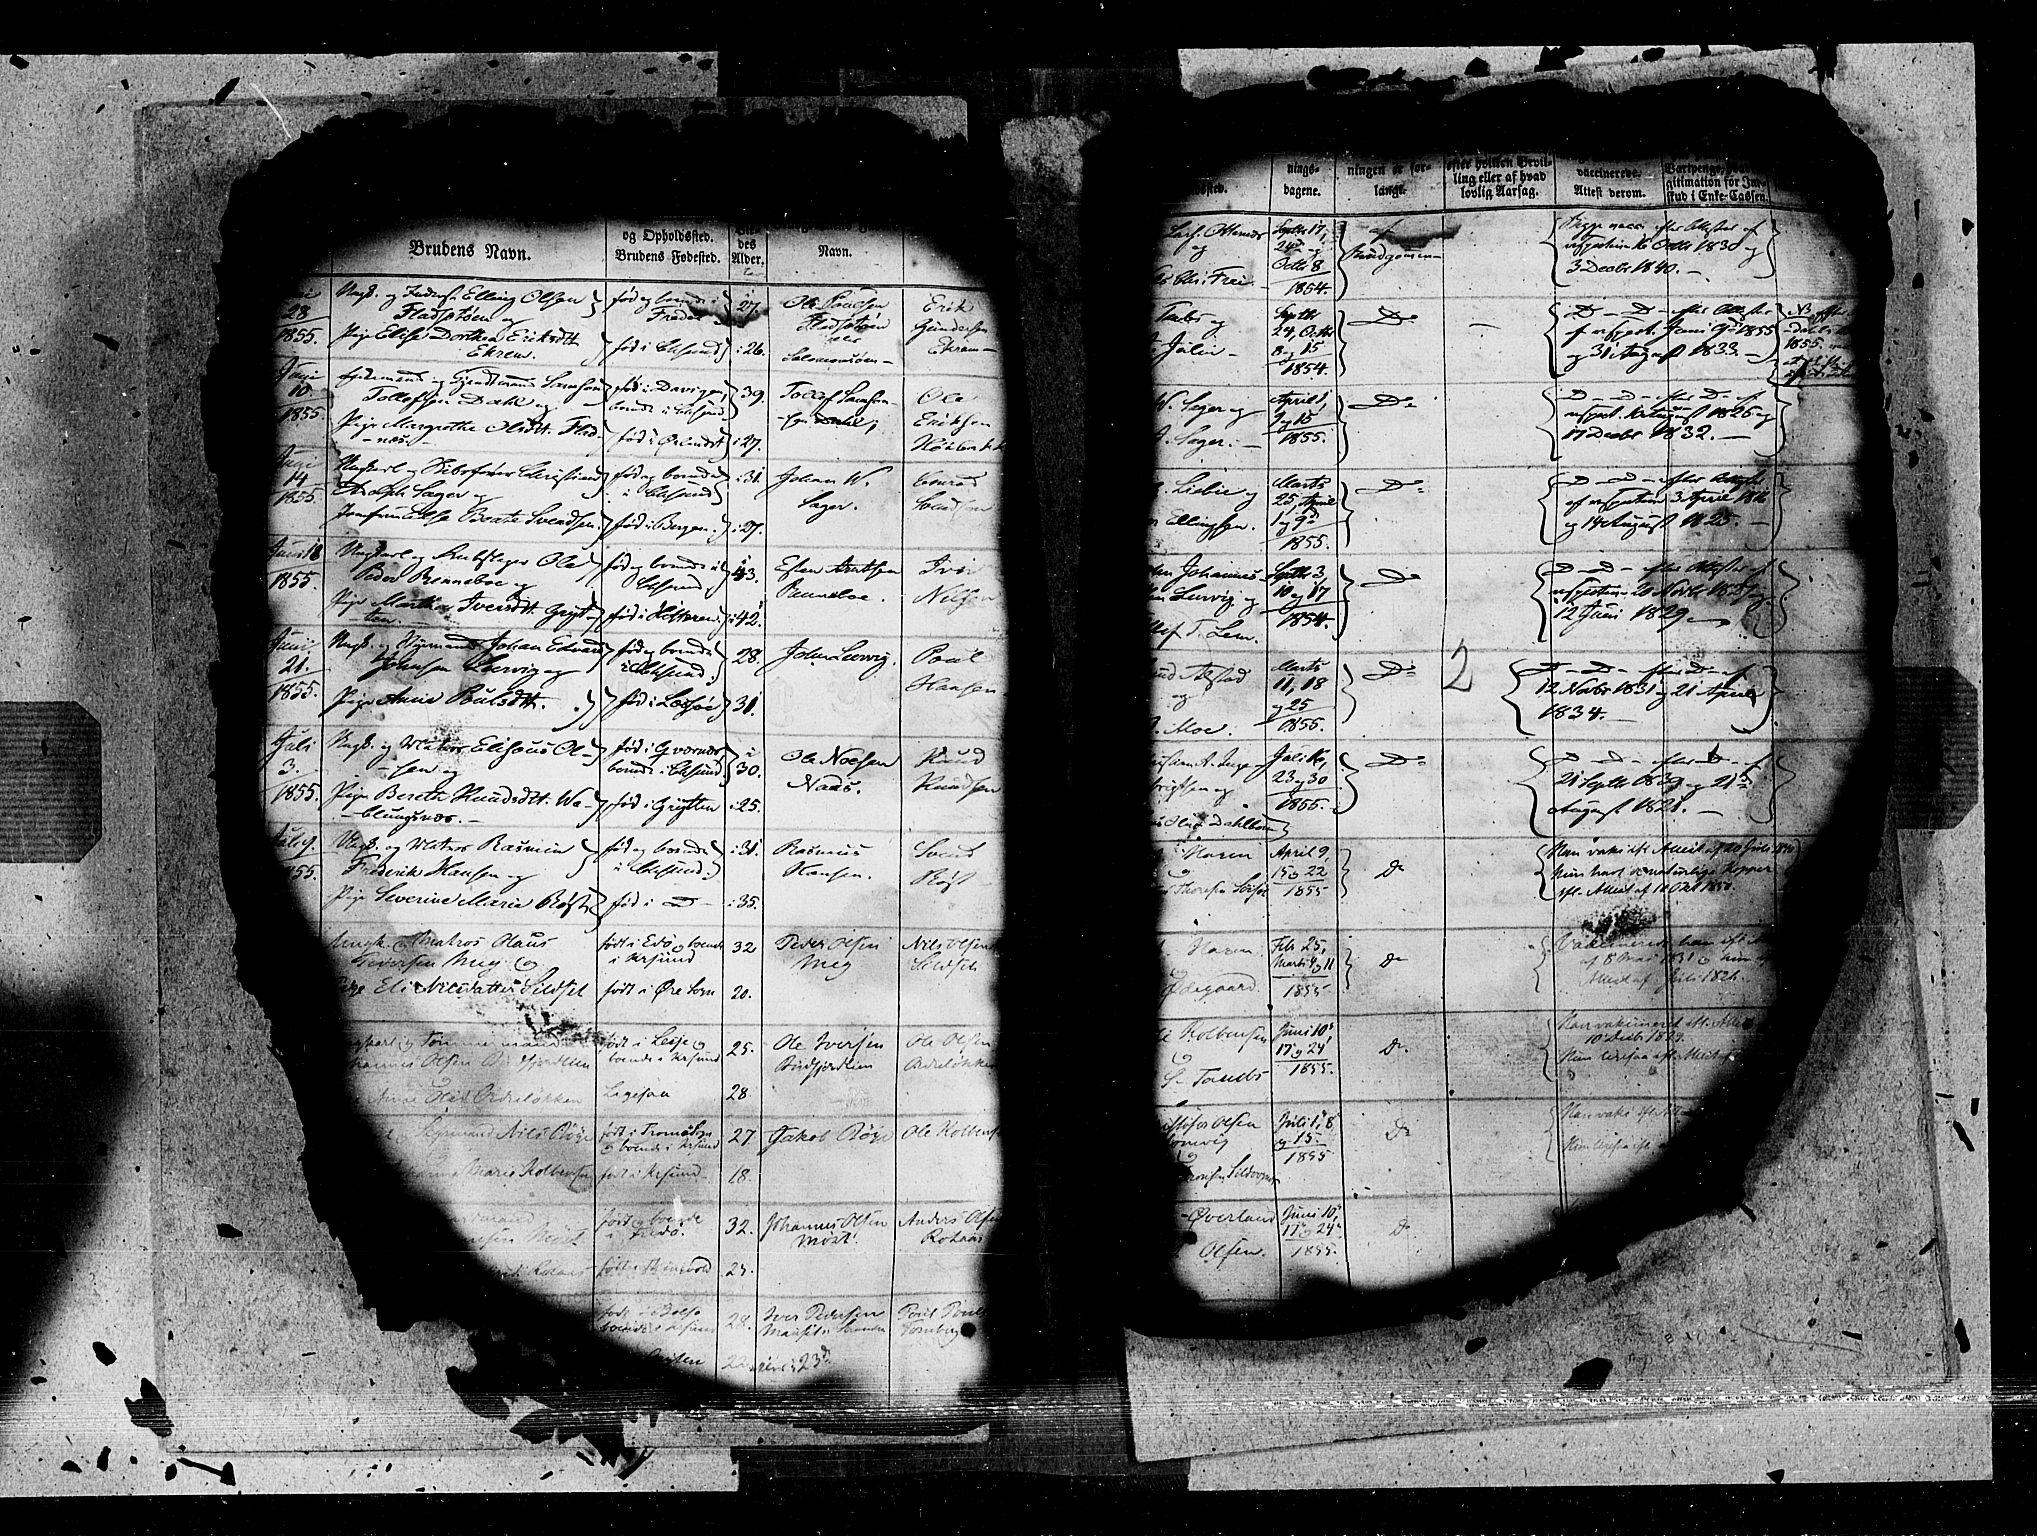 SAT, Ministerialprotokoller, klokkerbøker og fødselsregistre - Møre og Romsdal, 572/L0846: Ministerialbok nr. 572A09, 1855-1865, s. 2